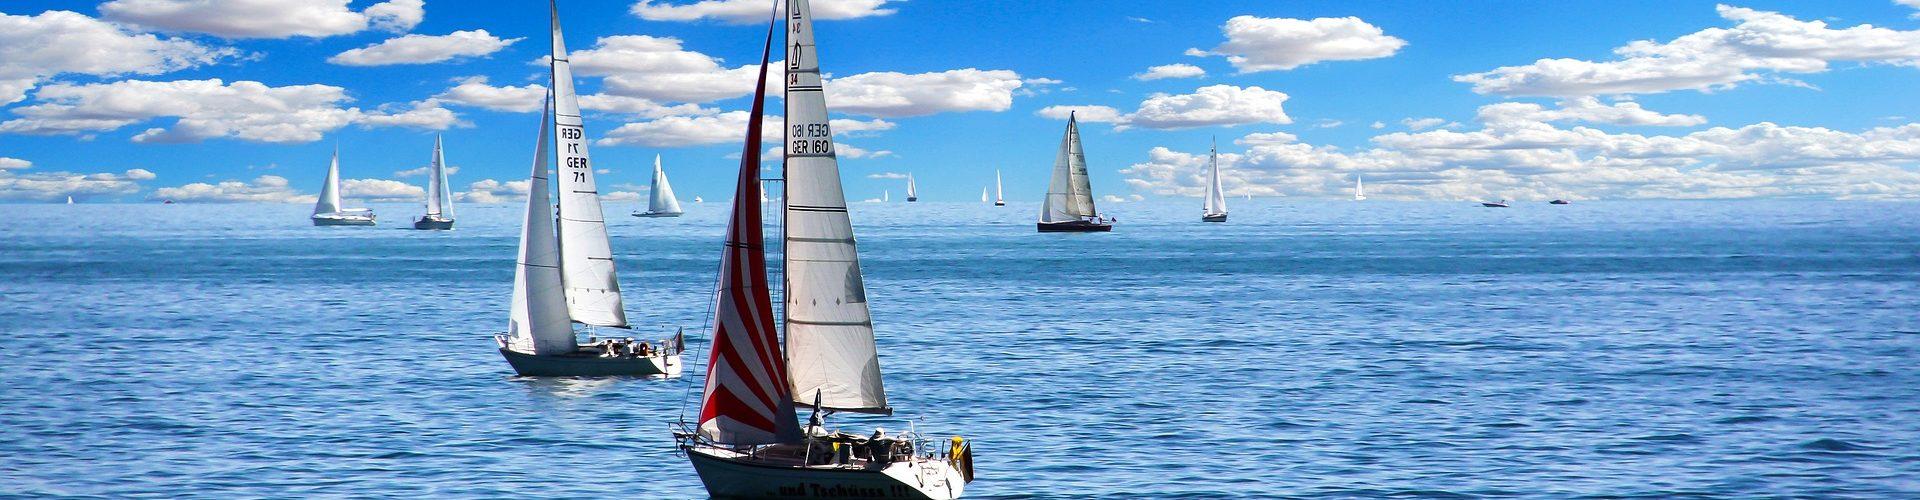 segeln lernen in Unterreit segelschein machen in Unterreit 1920x500 - Segeln lernen in Unterreit